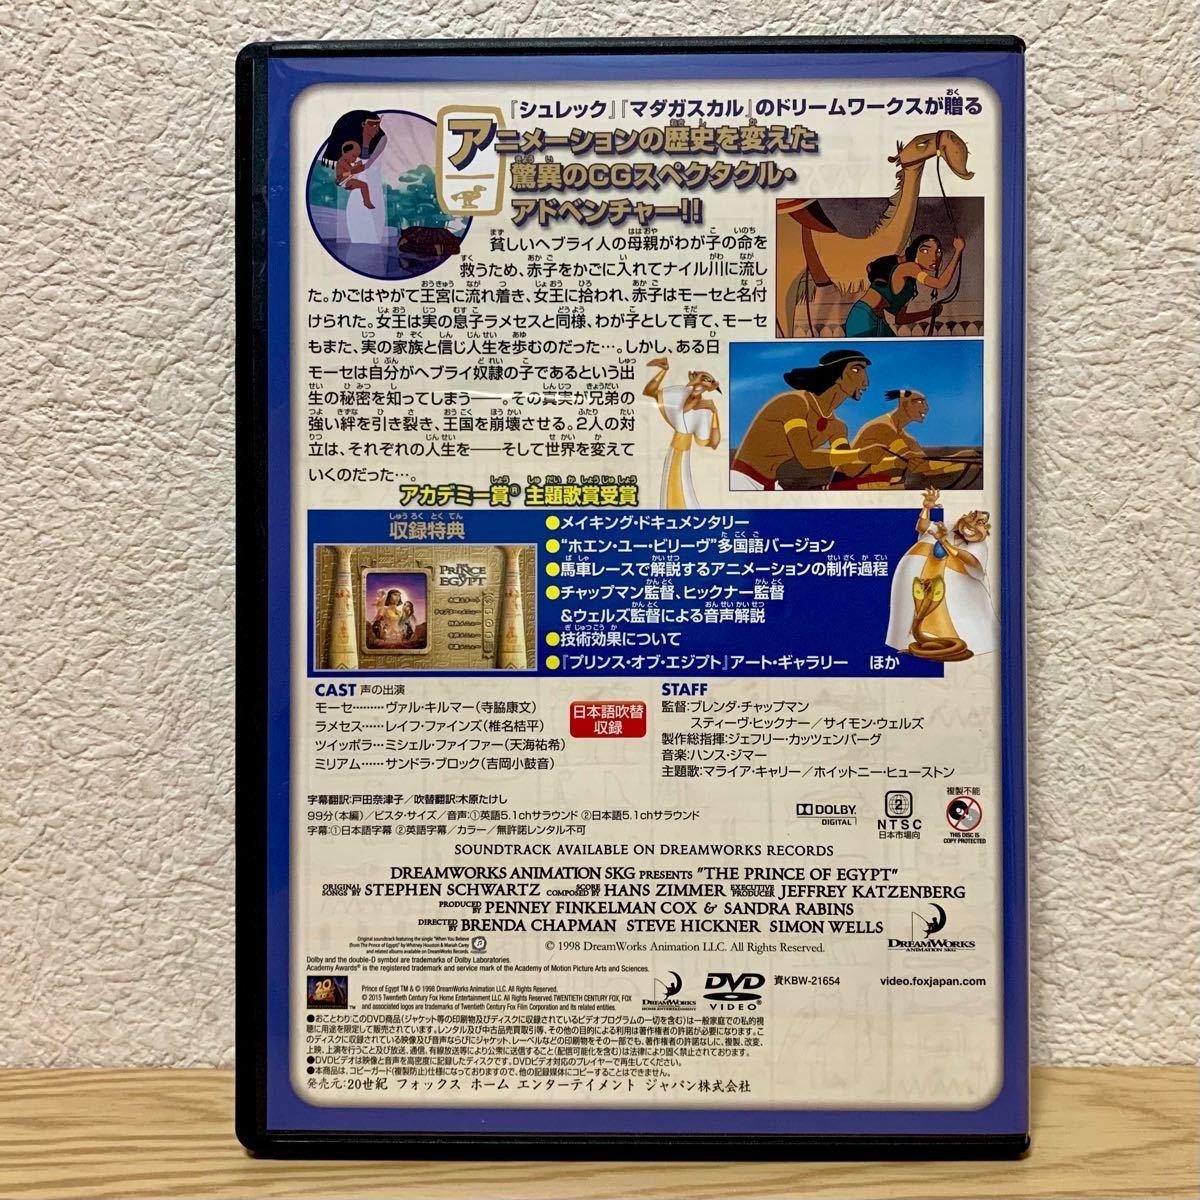 プリンス・オブ・エジプト DVD  1回視聴のみ